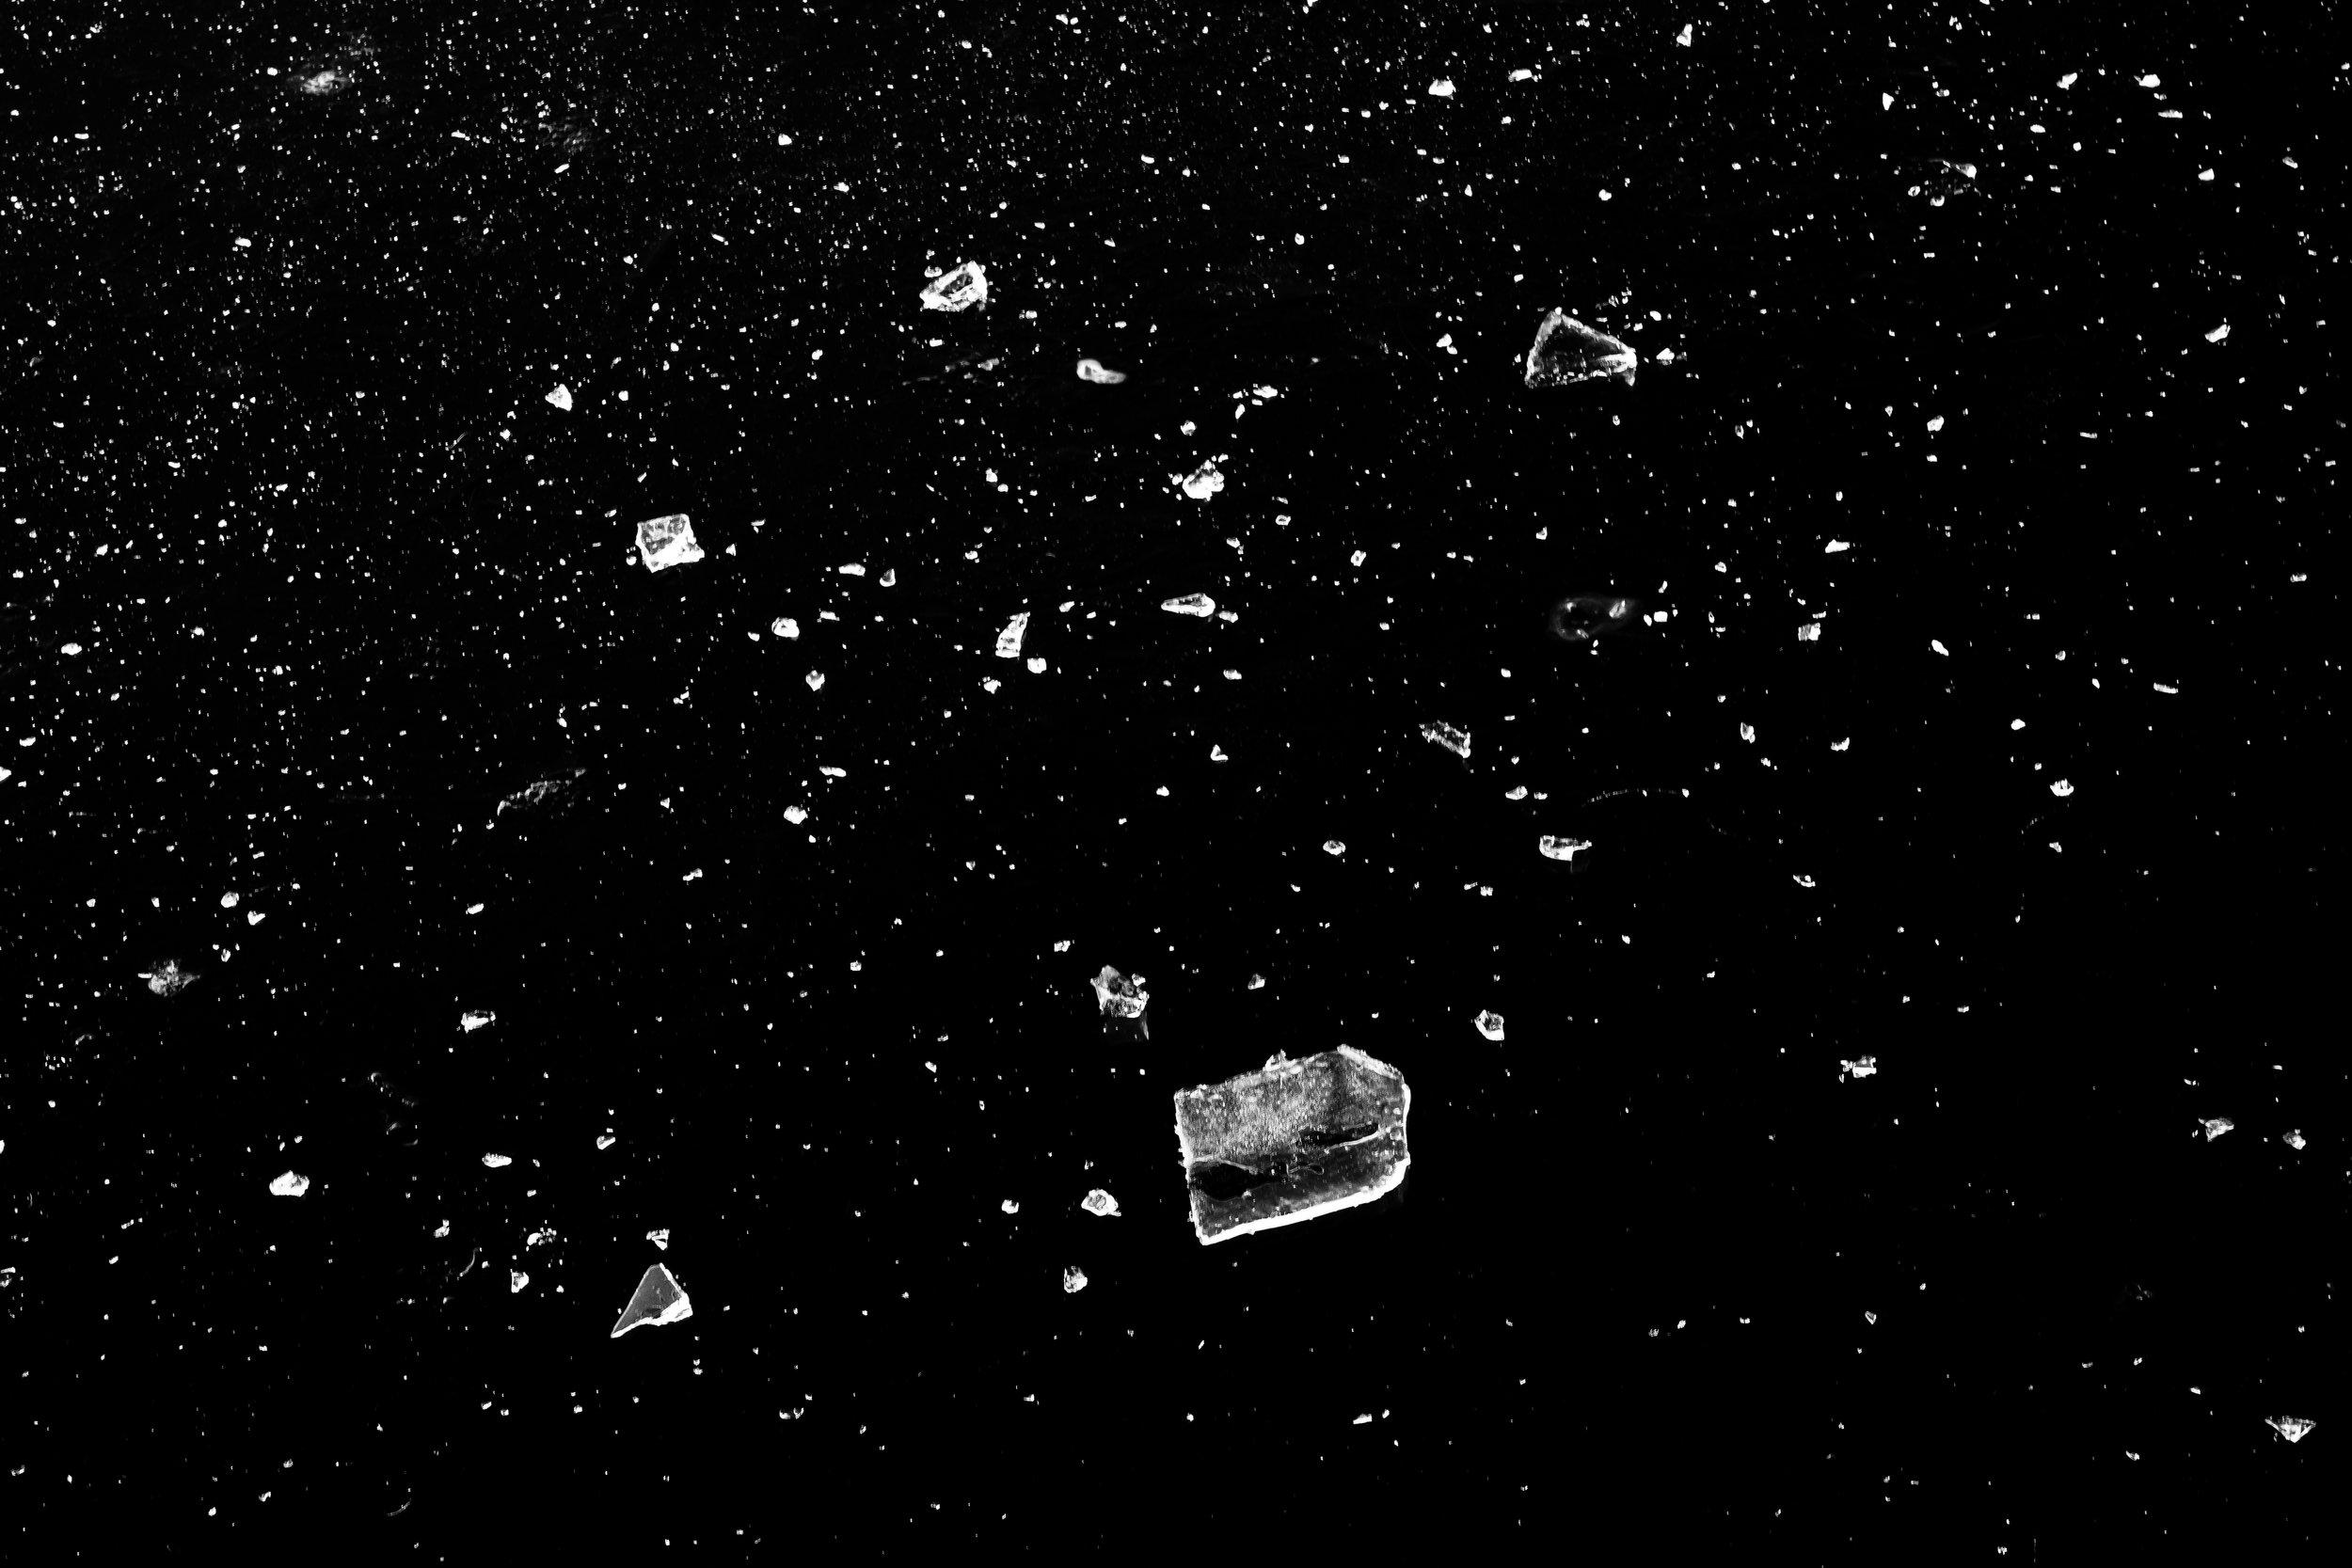 viewfinder-winter-fotografie-schorre-boom-fantasie-7.jpg